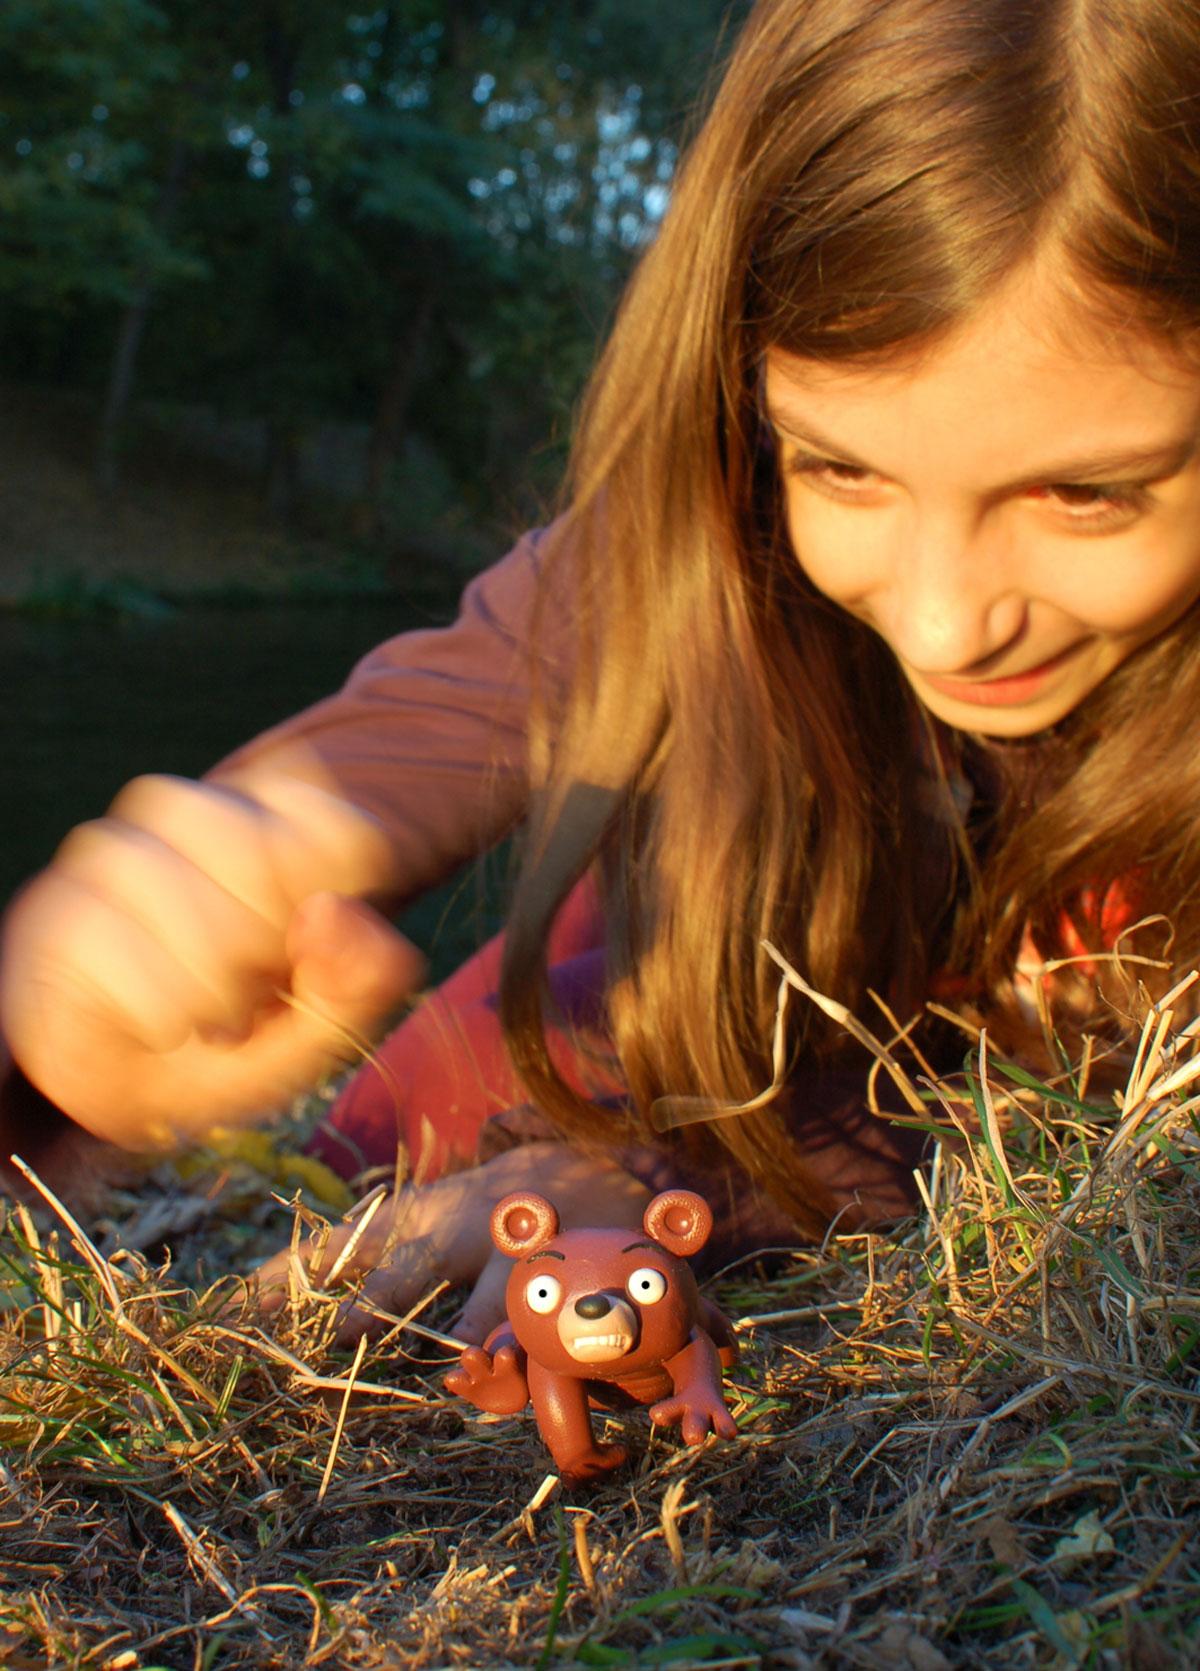 Der Wuhlebär flieht mit weit aufgerissenen Augen vor den Zudringlichkeiten junger Verehrerinnen.